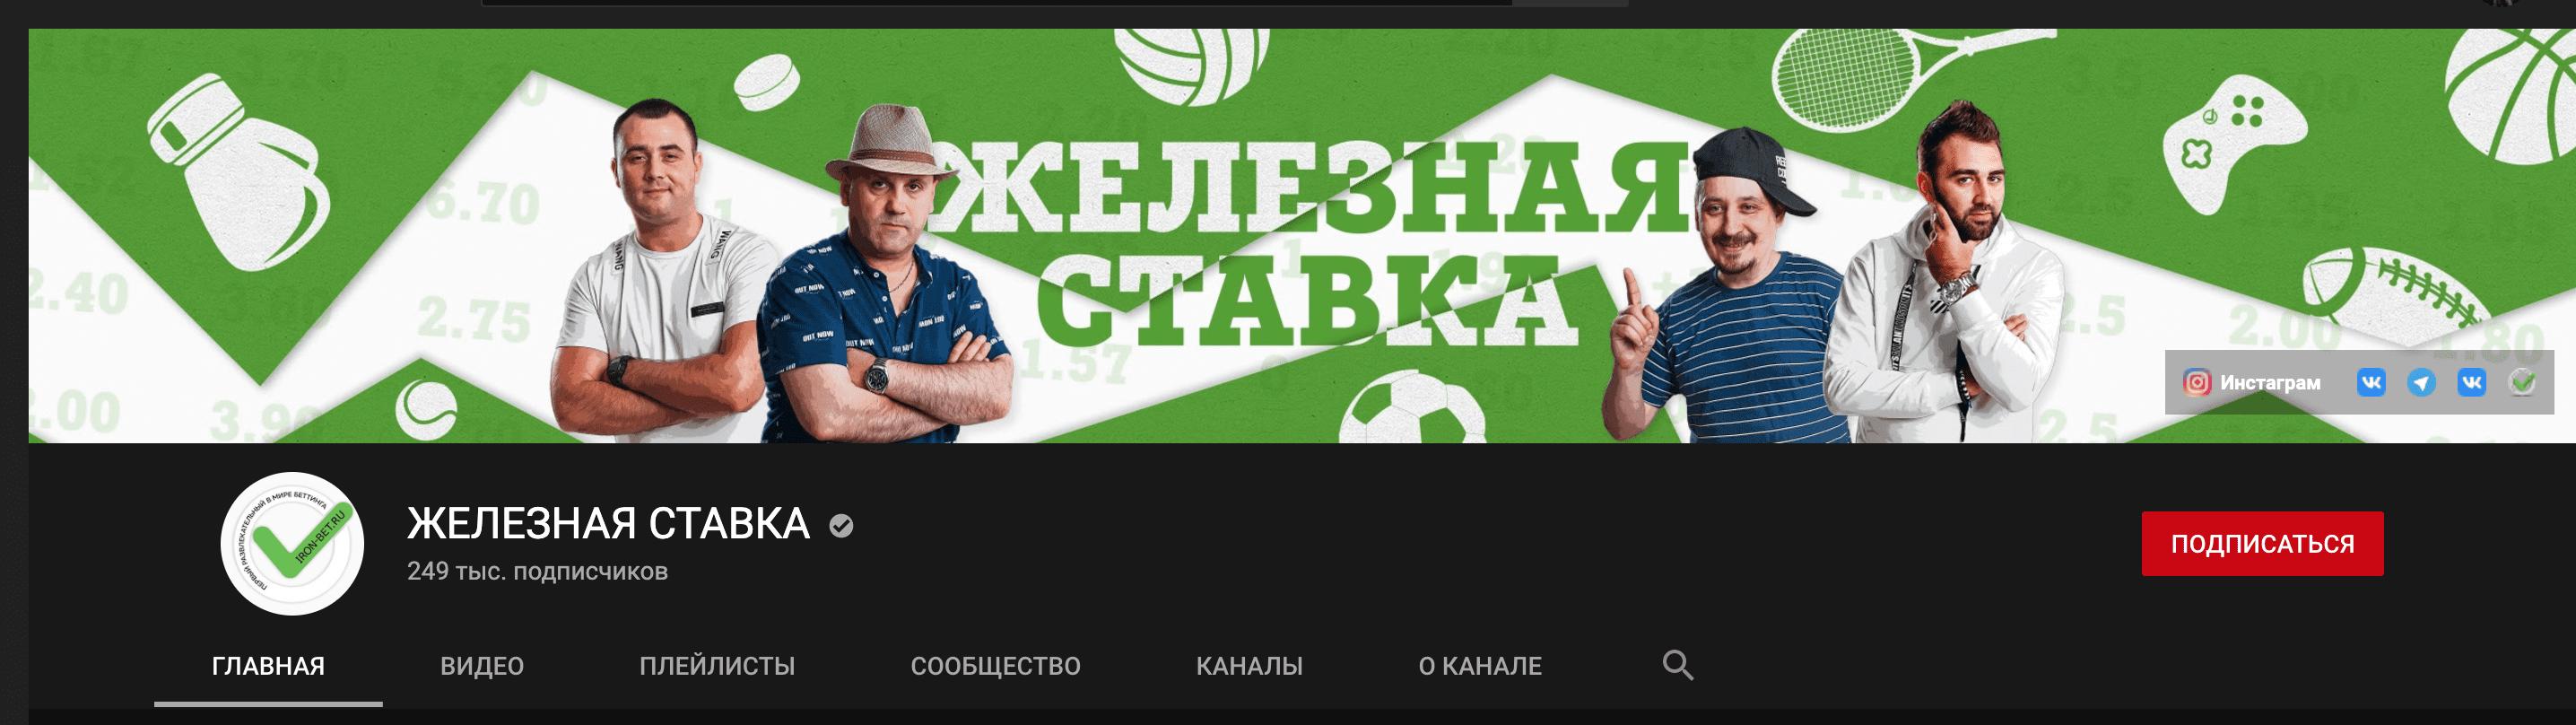 Ютуб канал Iron Bet ru (Железная Ставка)